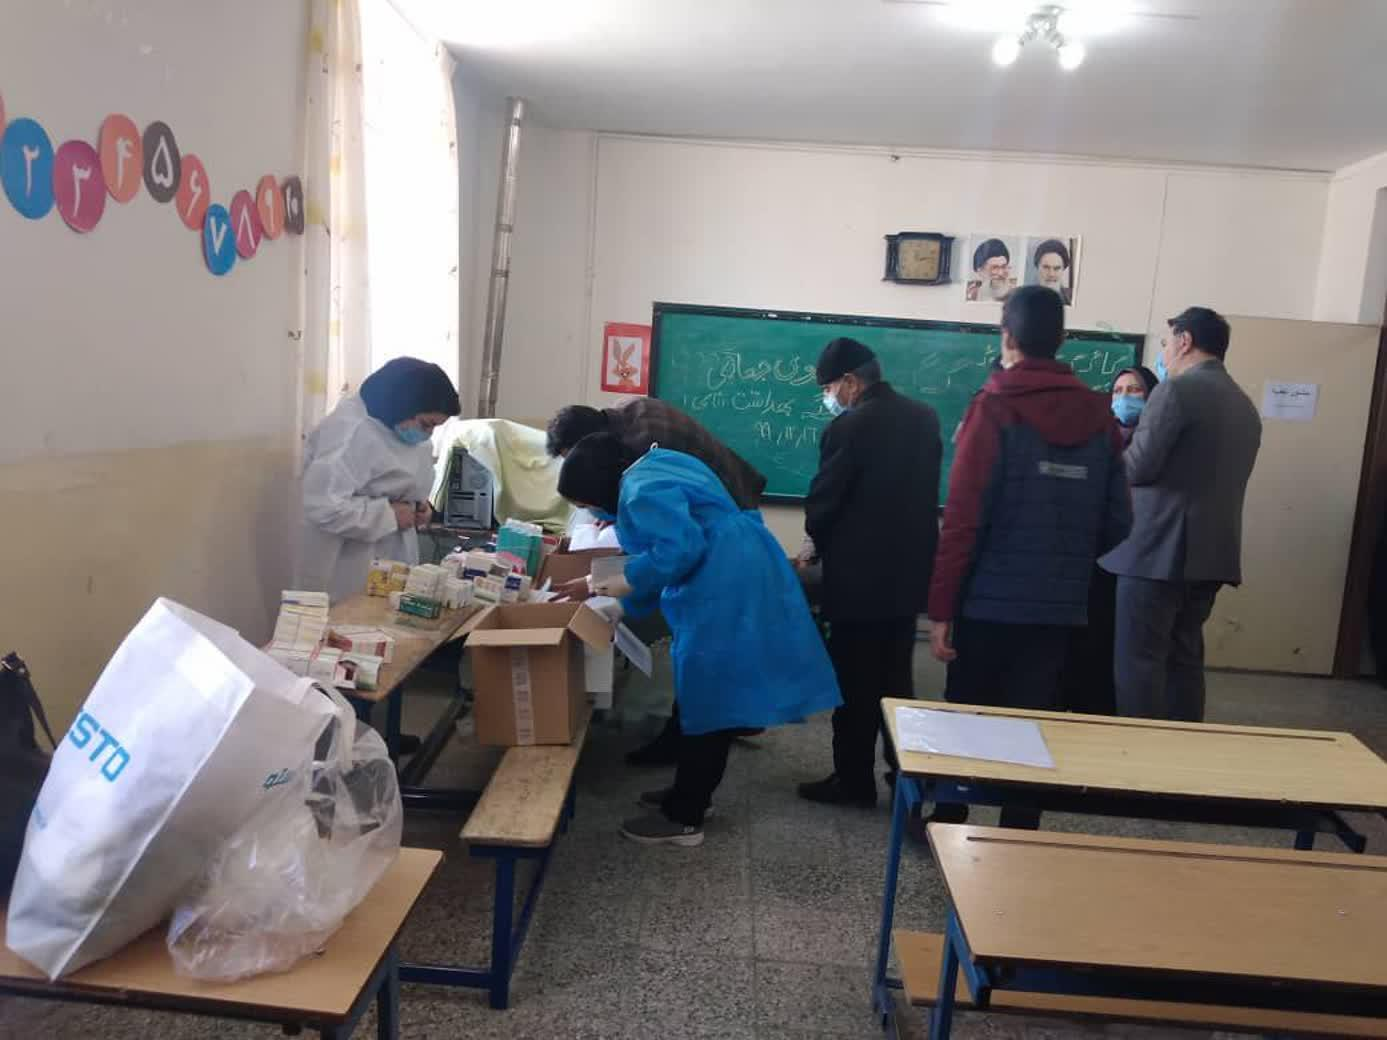 اردوی جهادی پزشکان در دهق+تصاویر اردوی جهادی پزشکان در دهق+تصاویر اردوی جهادی پزشکان در دهق+تصاویر photo